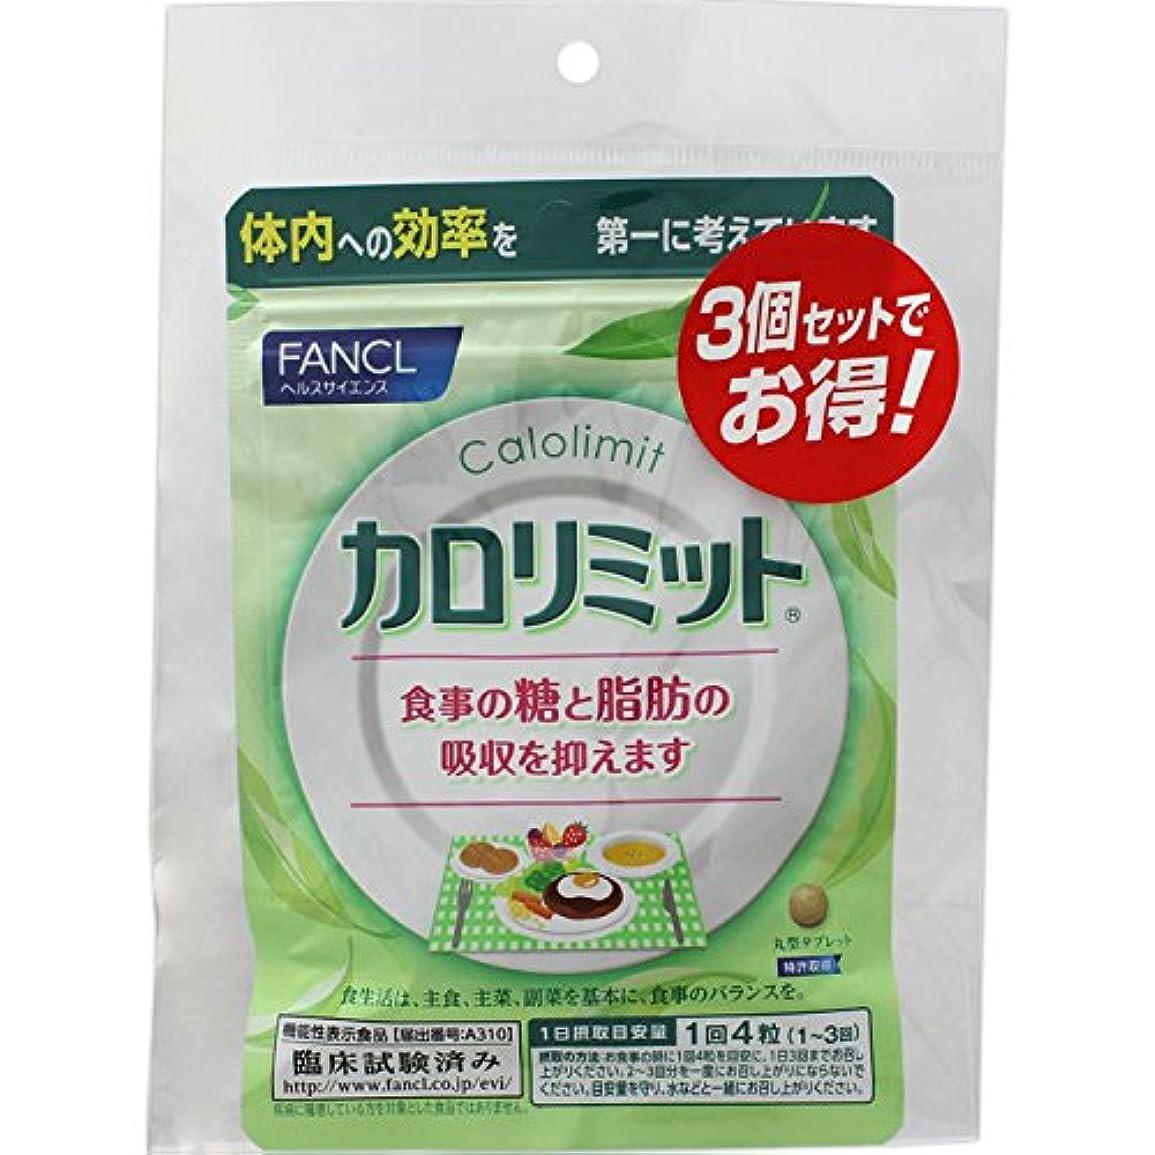 食い違いしなやか悪化させるファンケル(FANCL)カロリミット 90回分 徳用3袋セット